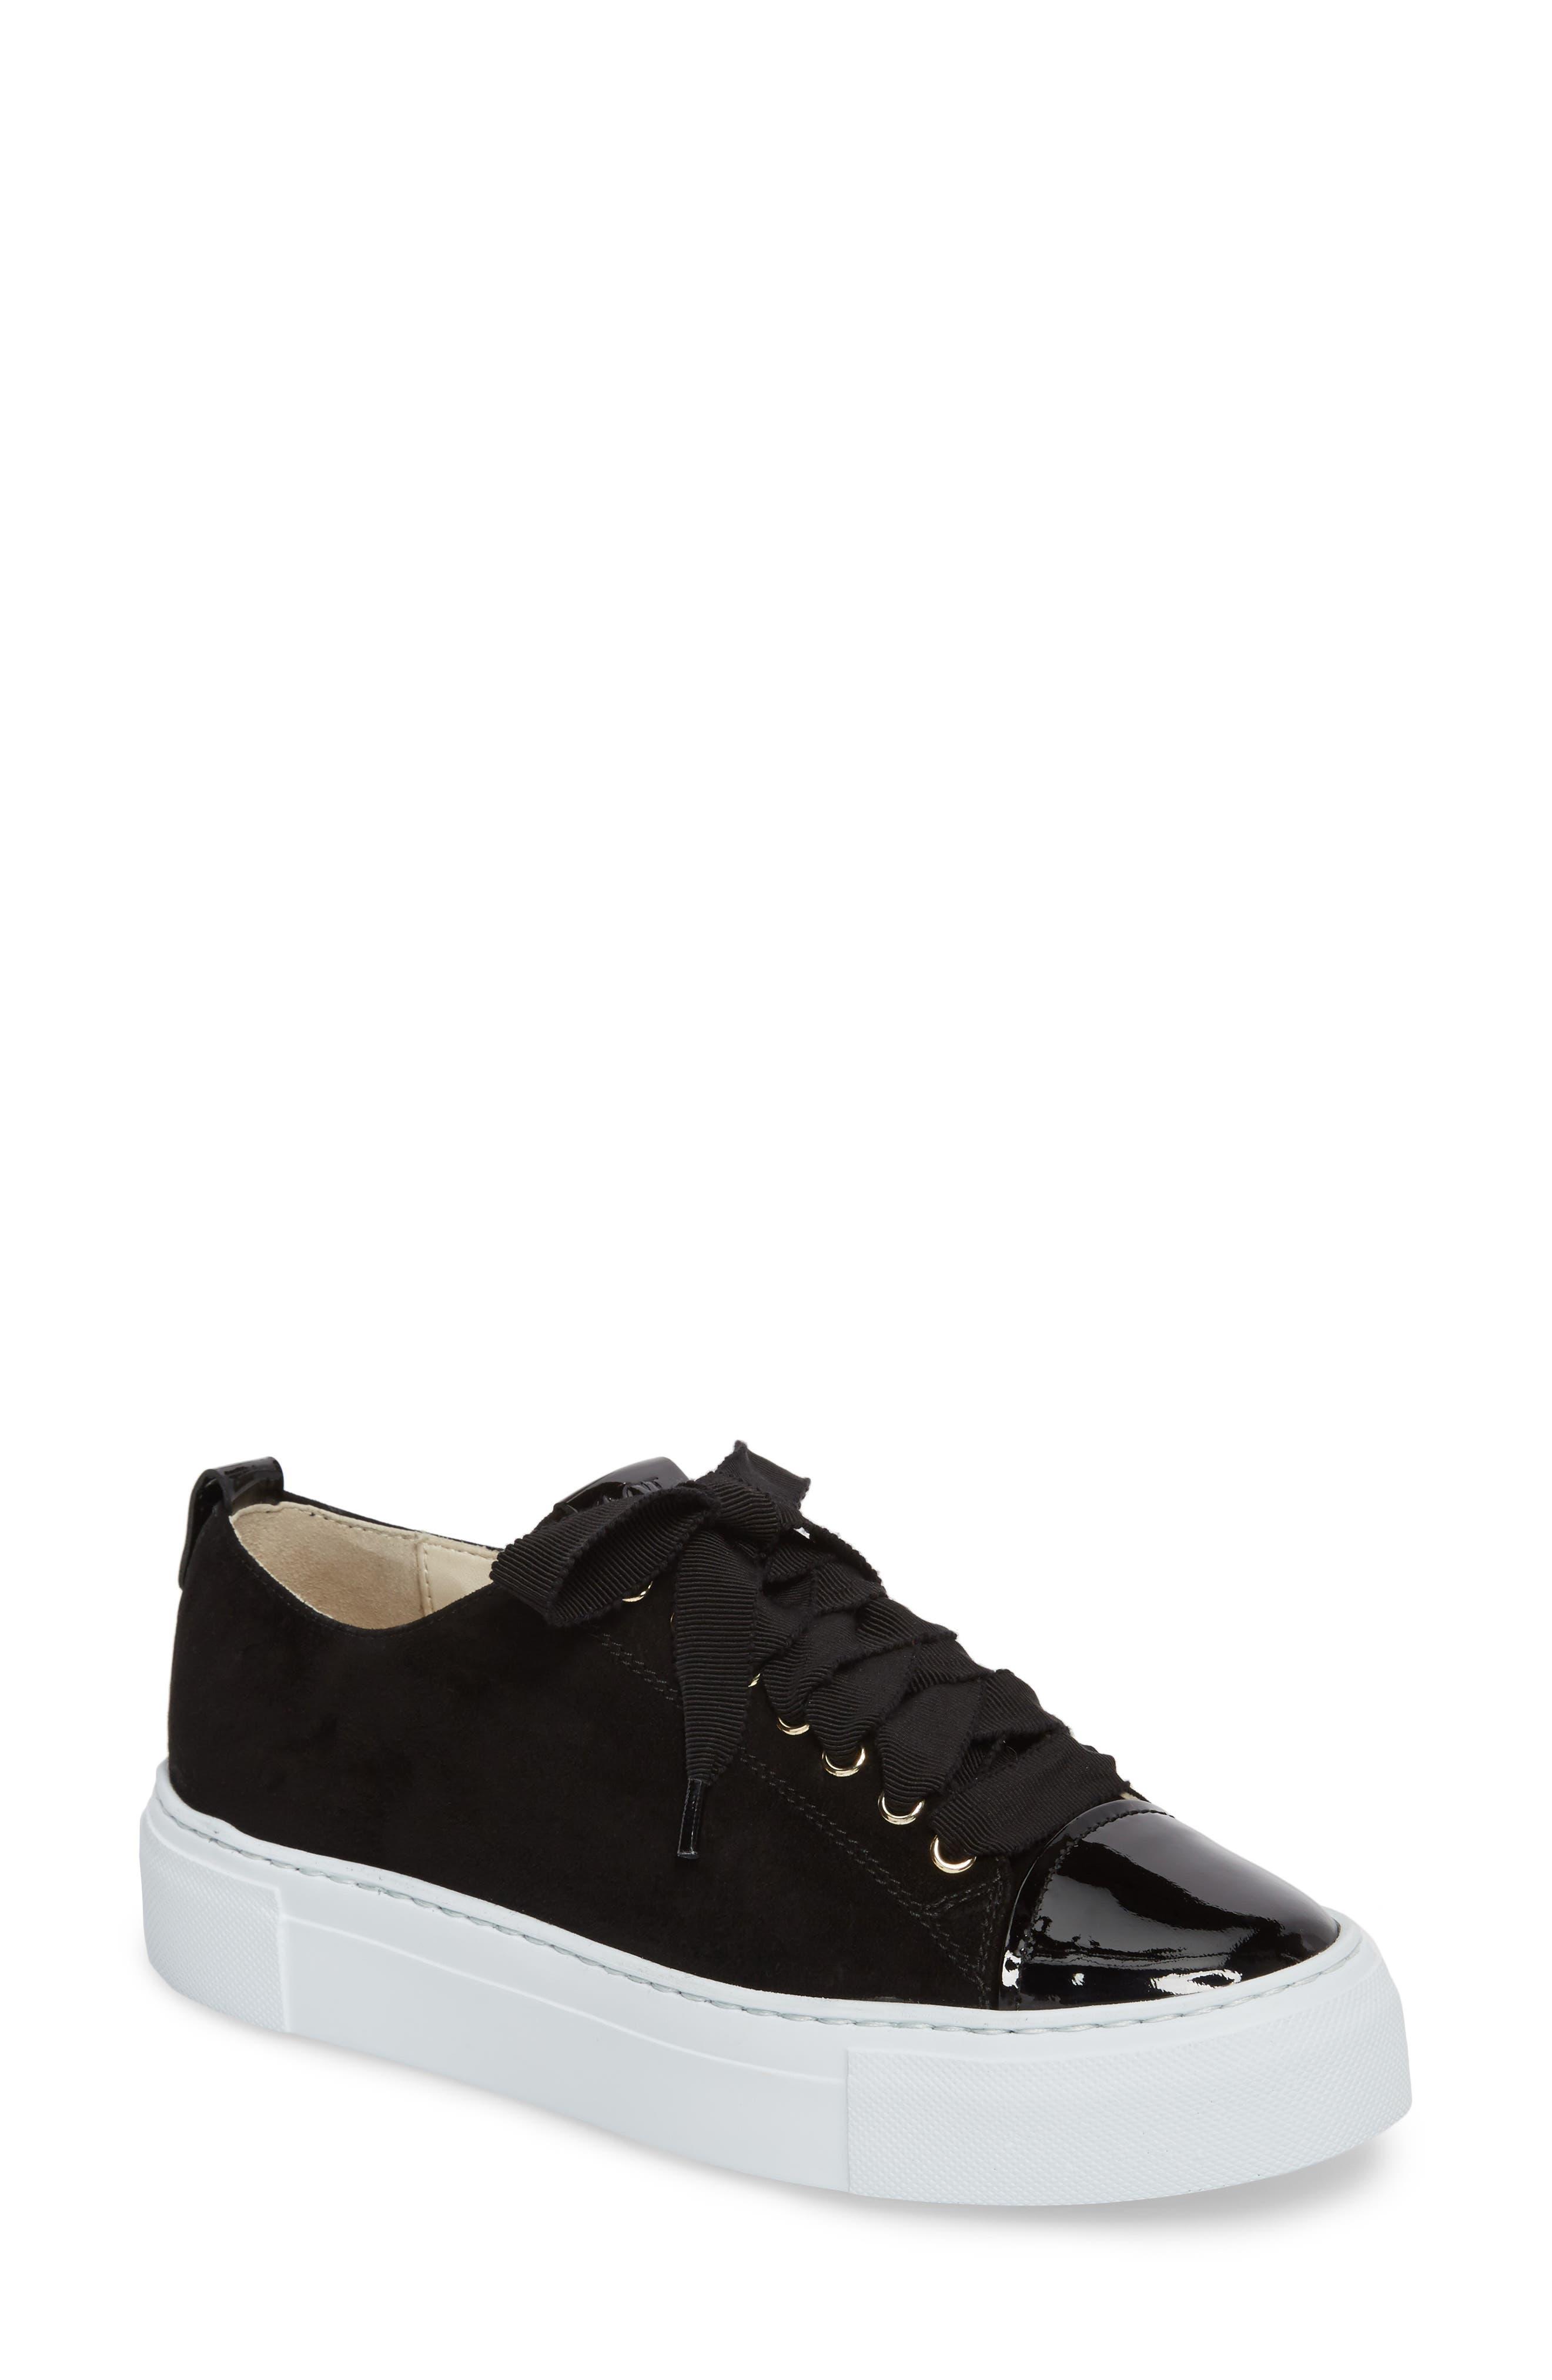 Alternate Image 1 Selected - AGL Cap Toe Platform Sneaker (Women)